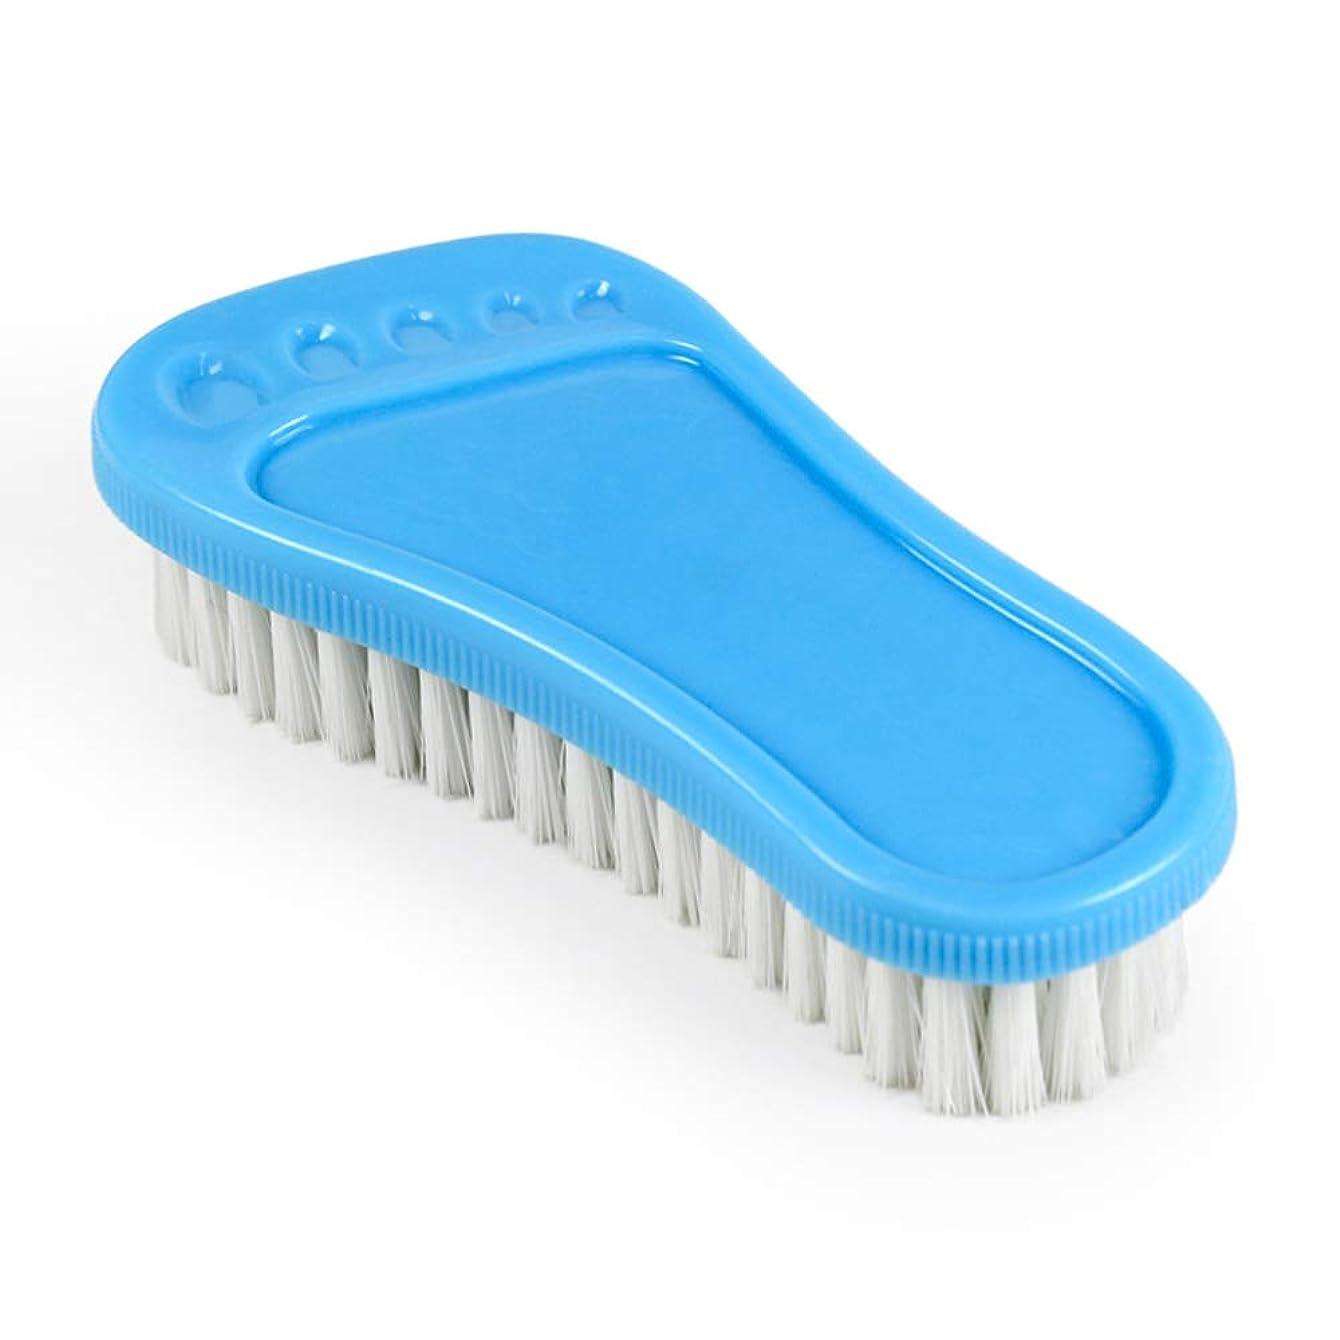 世界的に祝う生ポアクリーニング 小さな足首プラスチックの柔らかい髪多目的靴のブラシ洗面器のブラシのクリーニングブラシバスのブラシ2 PCS マッサージブラシ